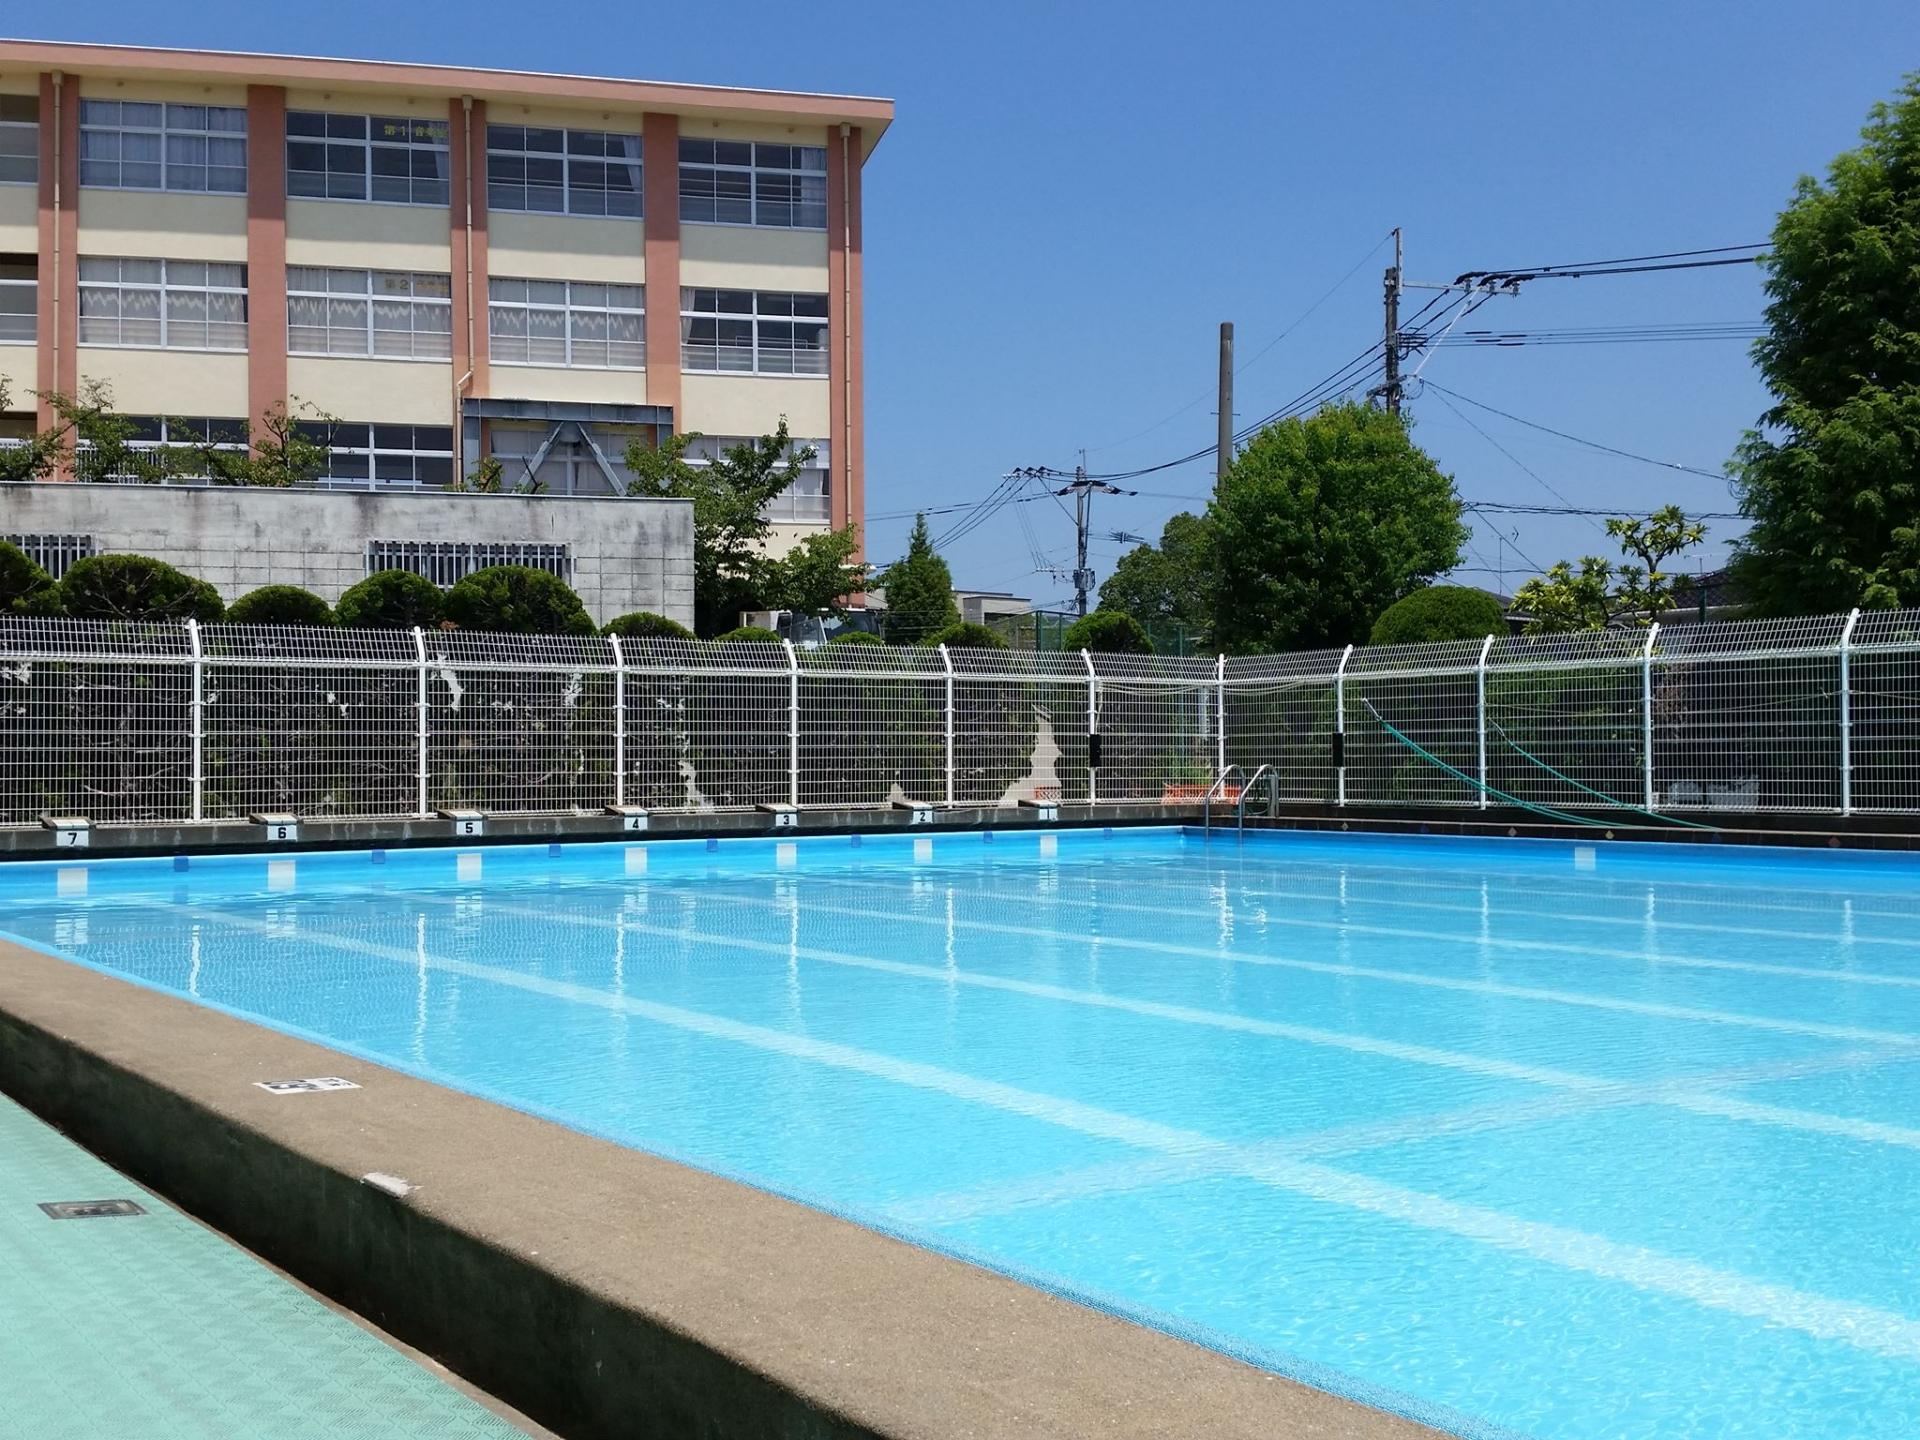 小学校の水泳での授業では、気温や水温はこう決められている!